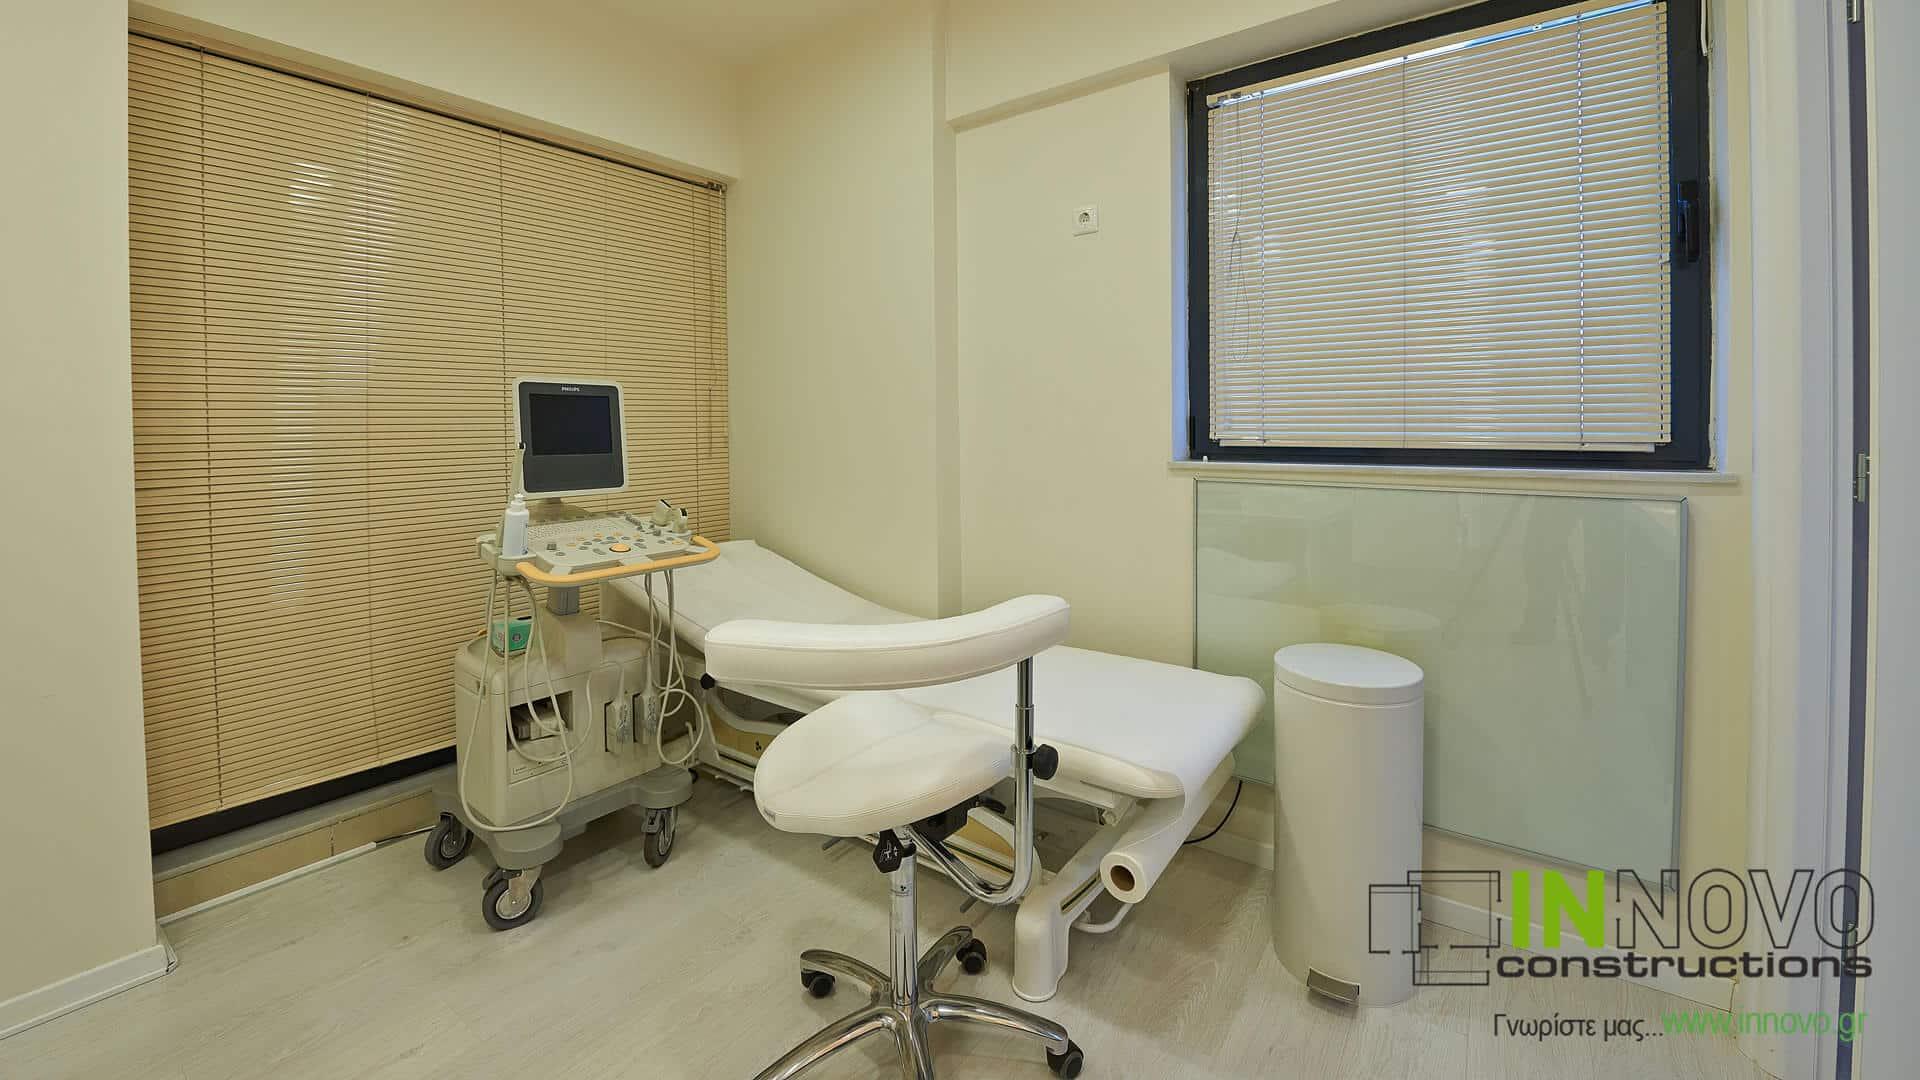 Σχεδιασμός και ανακαίνιση Ουρολογικού ιατρείου στη Δροσιά